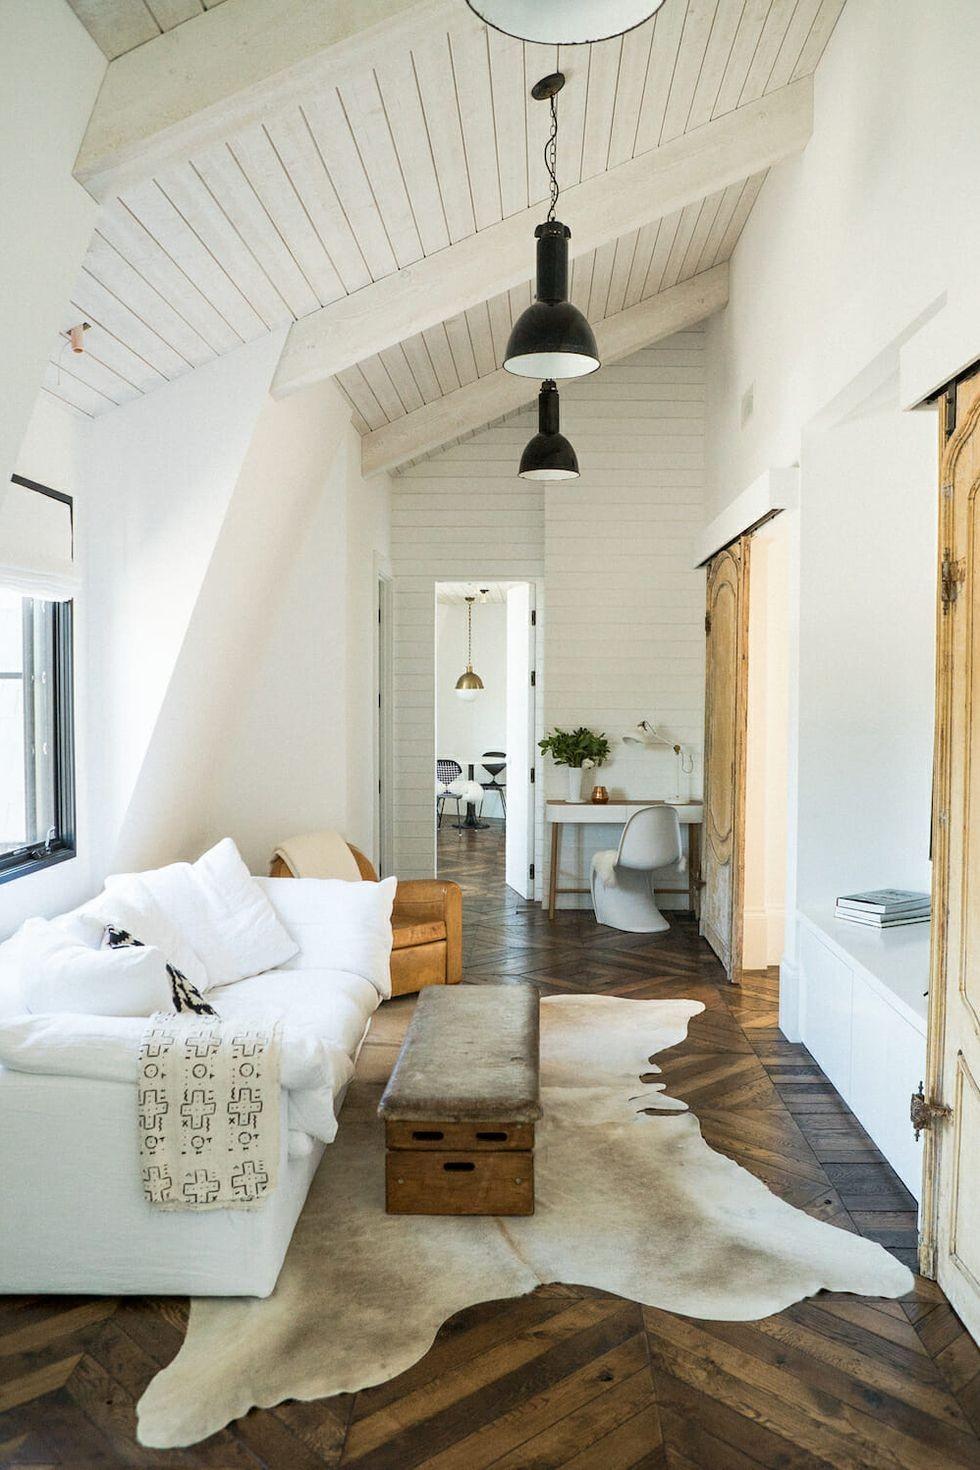 ديكور صالة صغيرة- الأثاث بمحاذاة حائط واحد